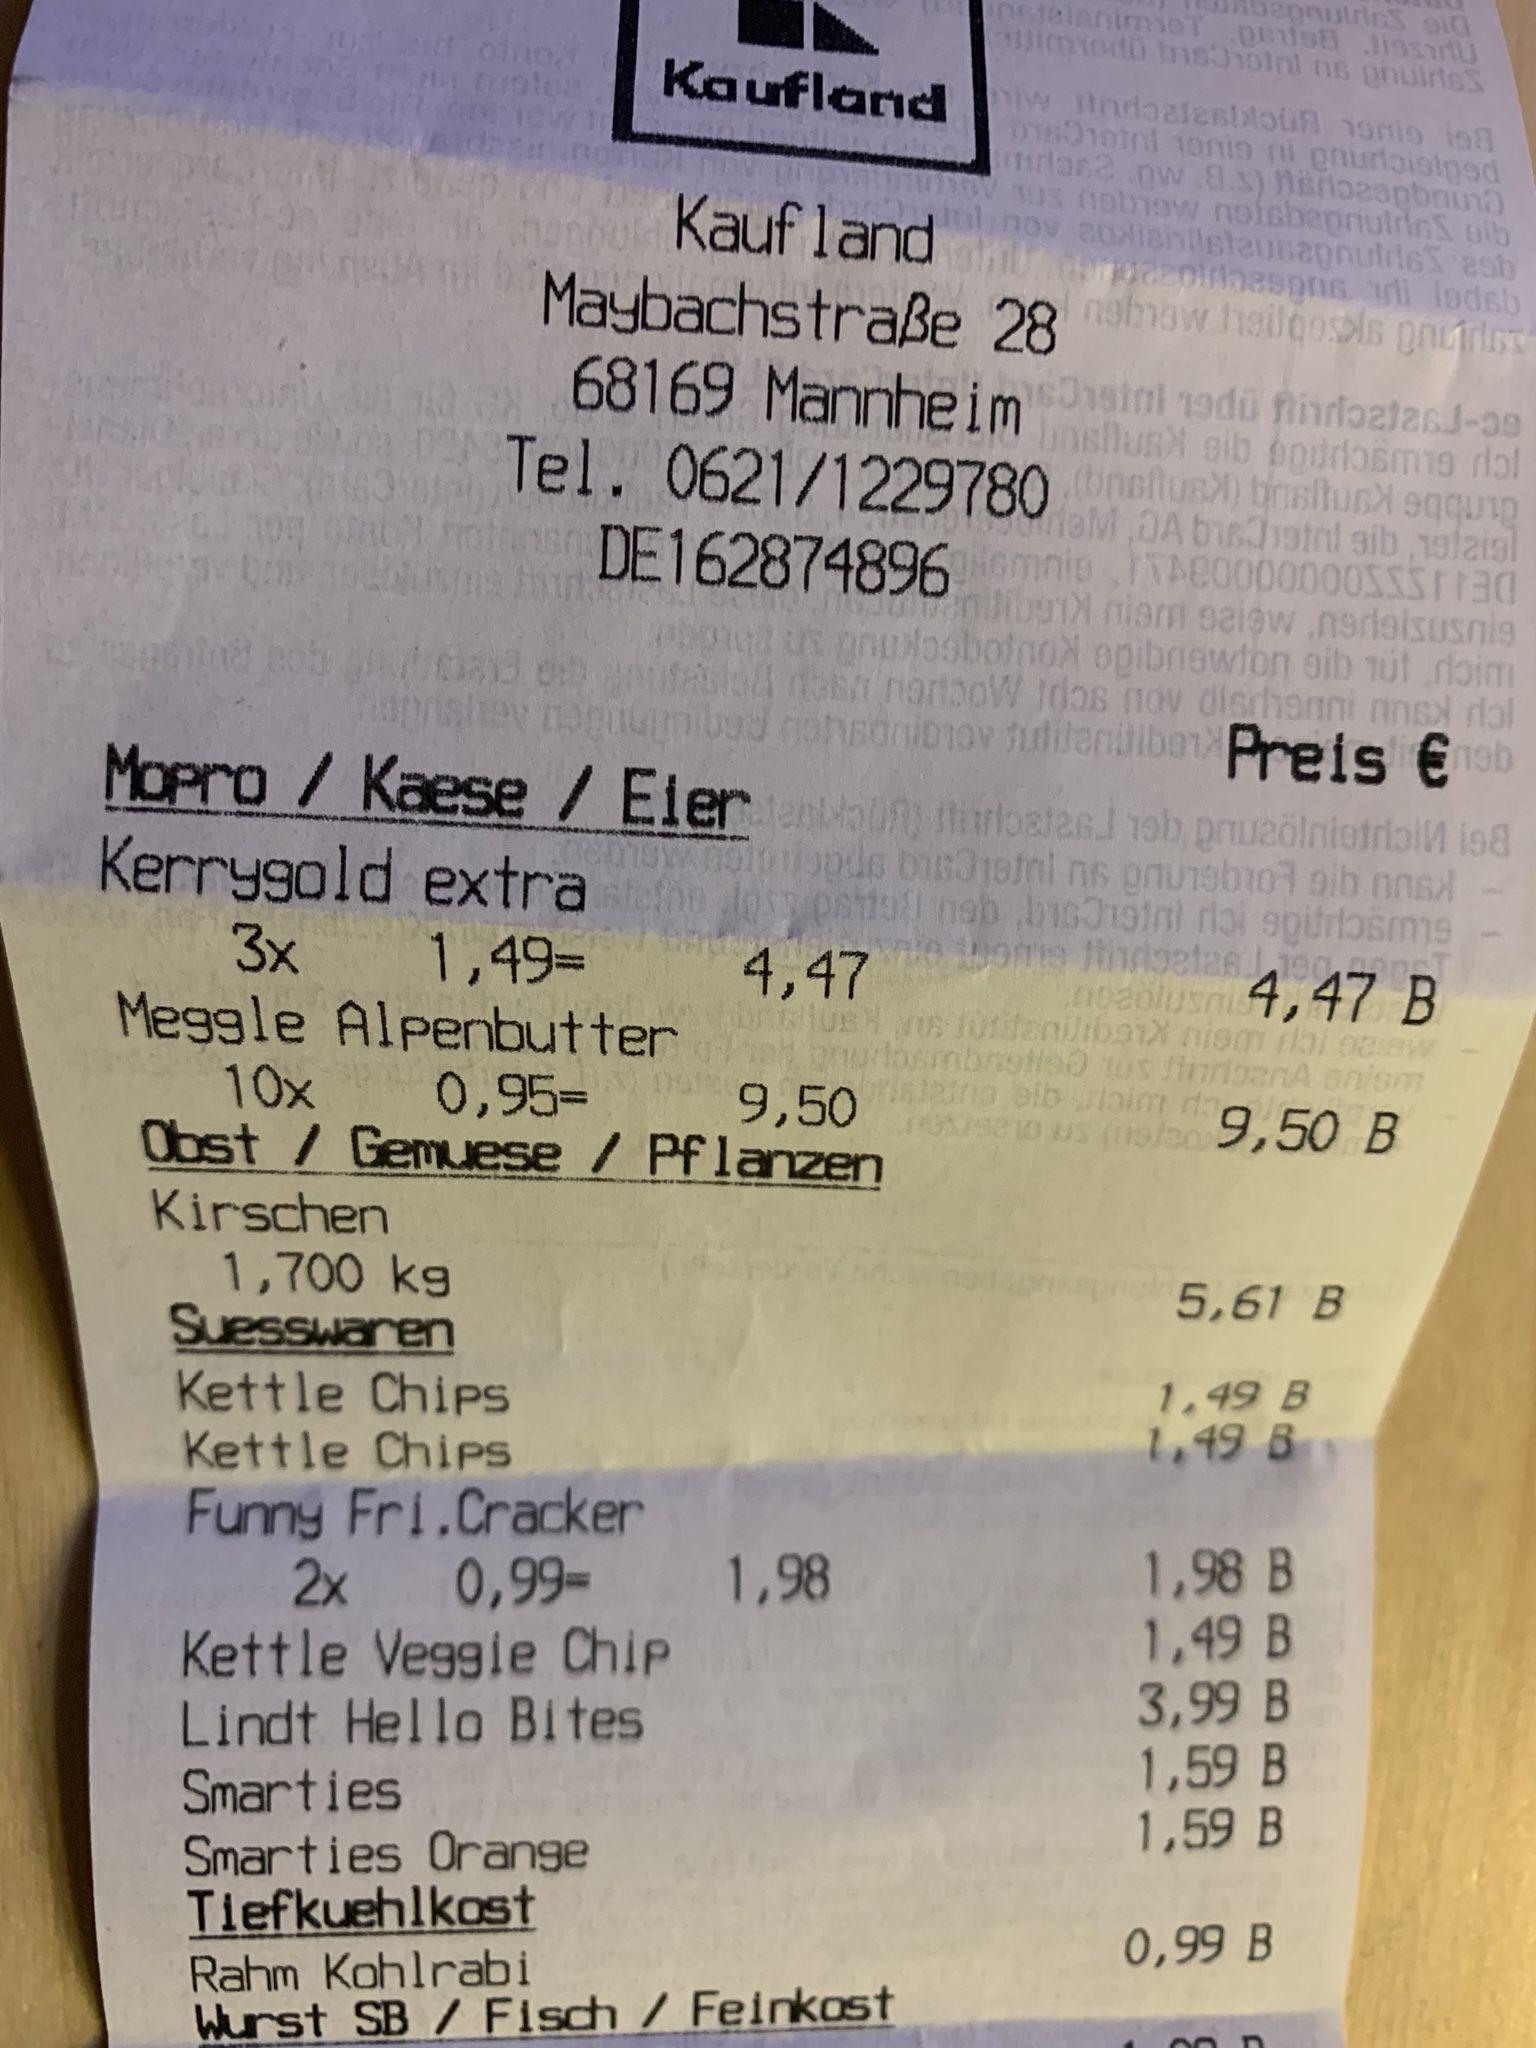 [Lokal Kaufland Mannheim] Meggle Süssrahmbutter 250g für 0,95 Cent, Kirsche für 3,33Euro/KG